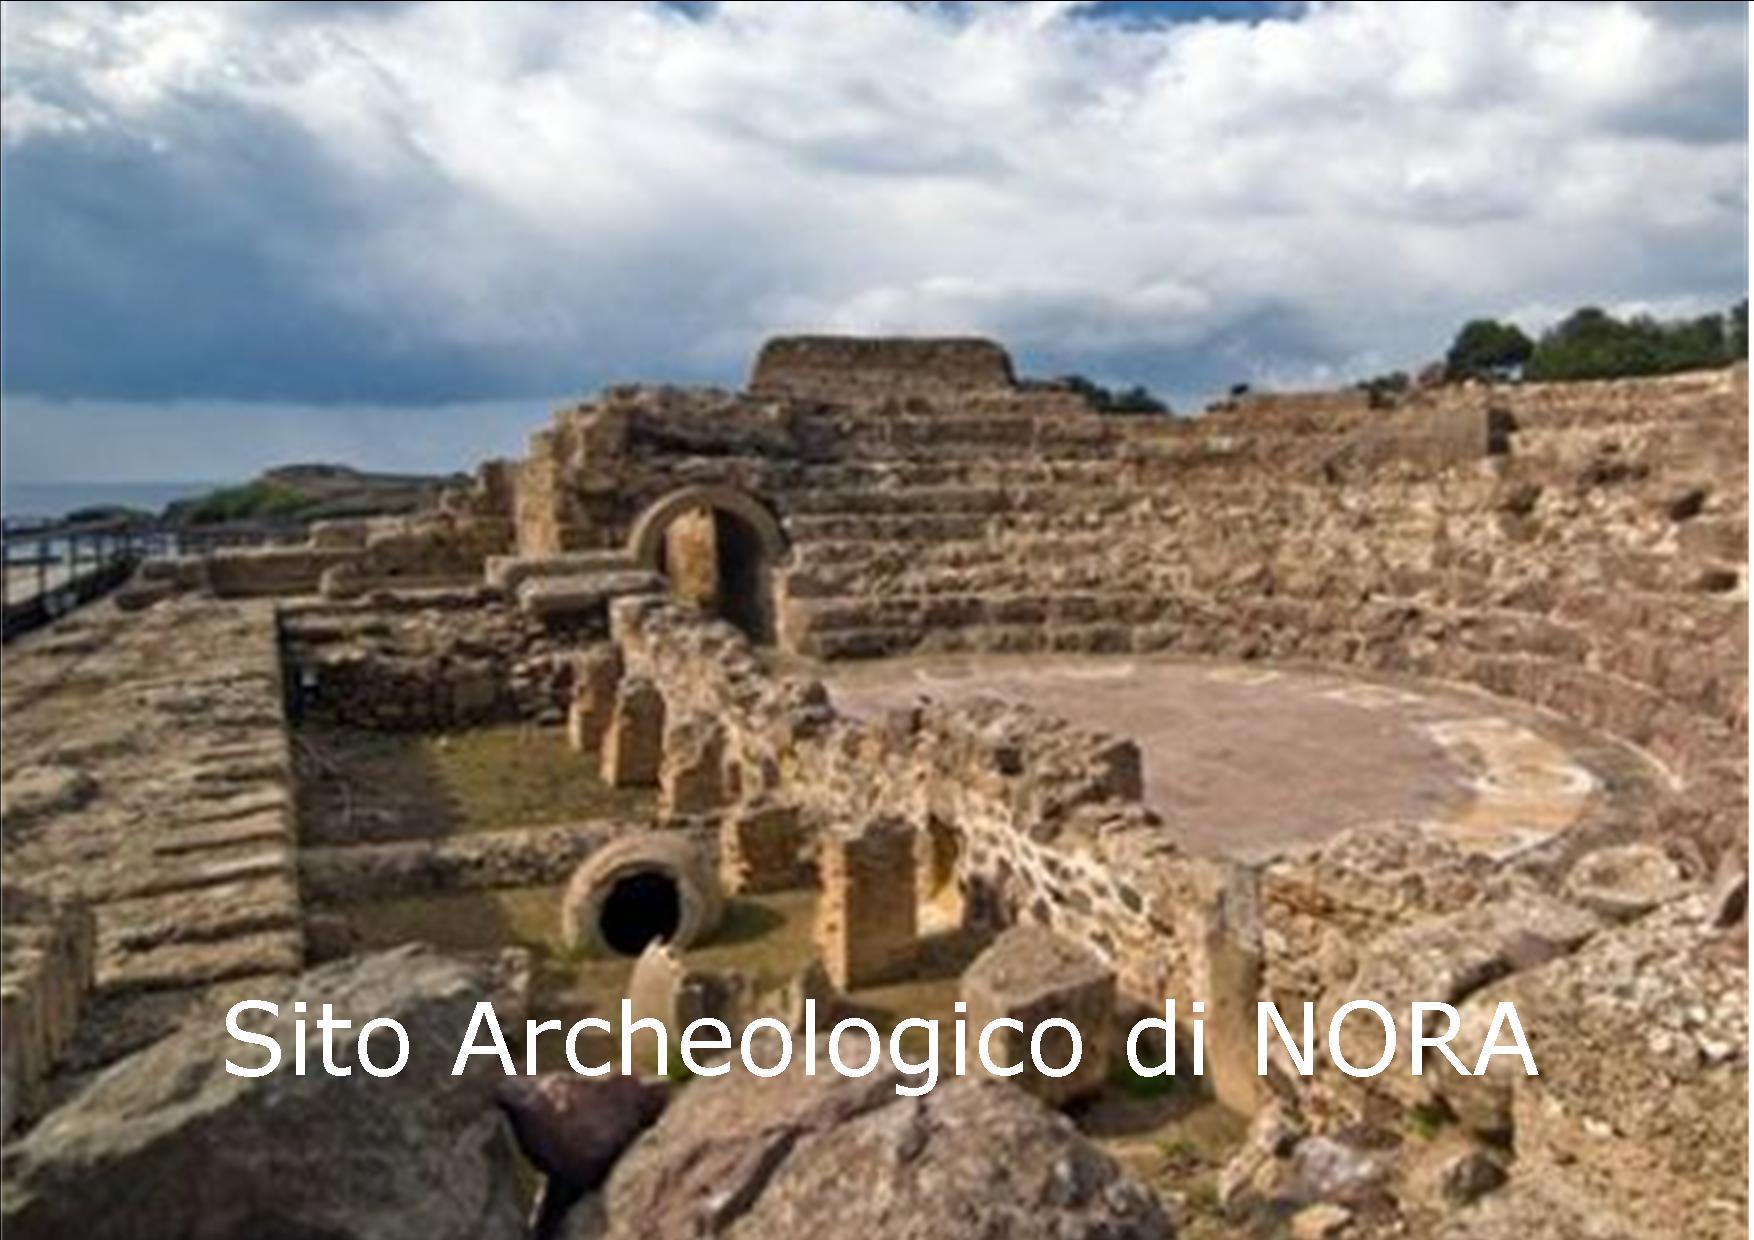 Sito archeologico di nora b b sa domu noa for Immagini sito